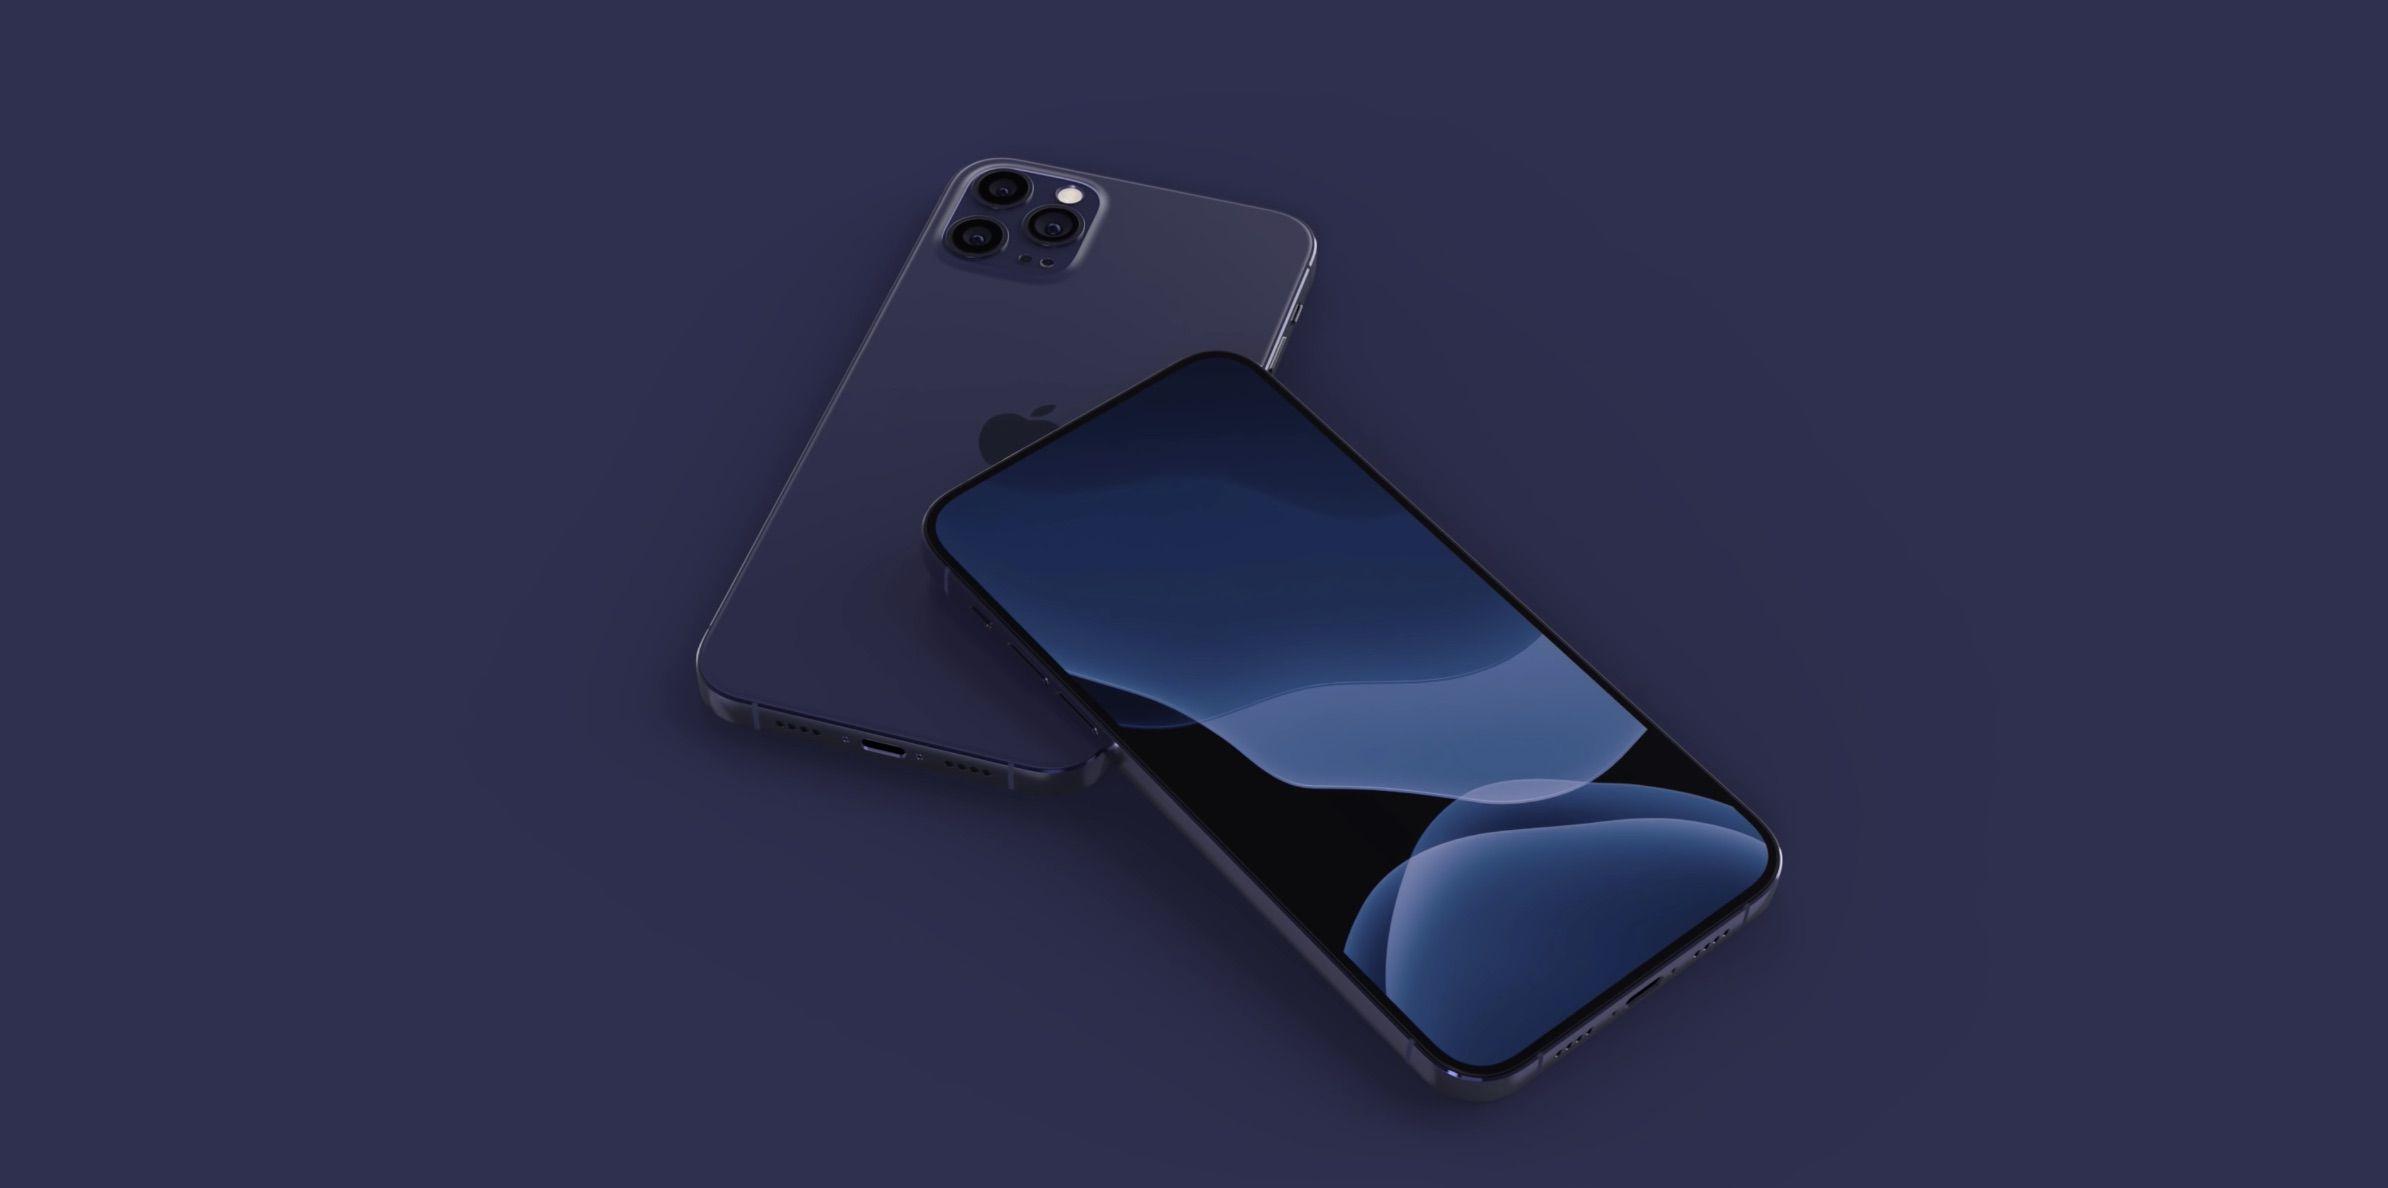 Rumores Iphone 12 Pro Podera Ter 5g Camera De 64 Megapixels Tela De 120hz Bateria Ainda Maior E Mais Macmagazine Com Br